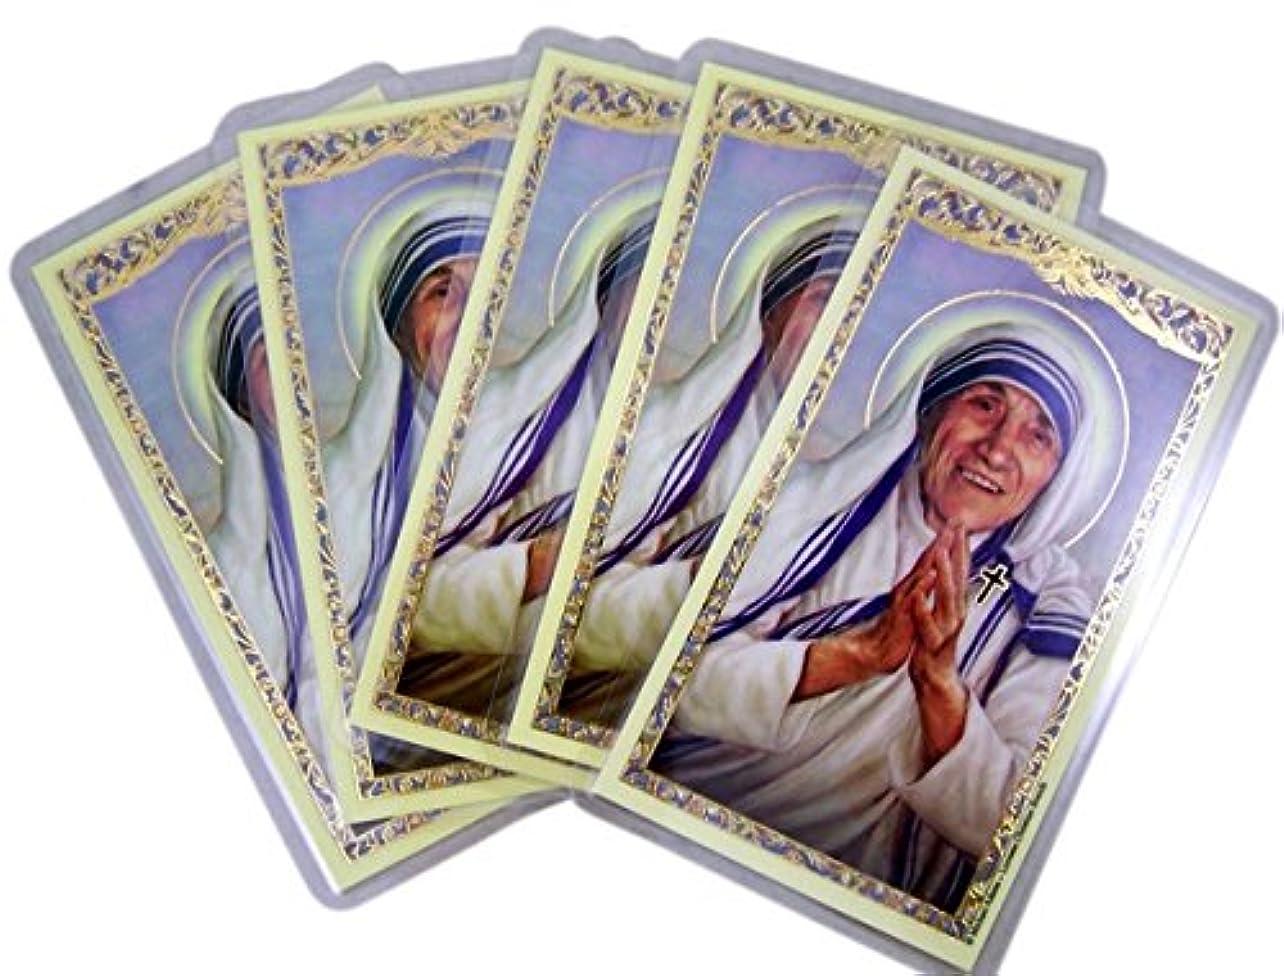 スポット郡手入れSaintアビラのカルカッタラミネートHolyカードwith毎日祈り、4 1 / 2インチ5パック Pack of 25 イエロー PN#800-1283